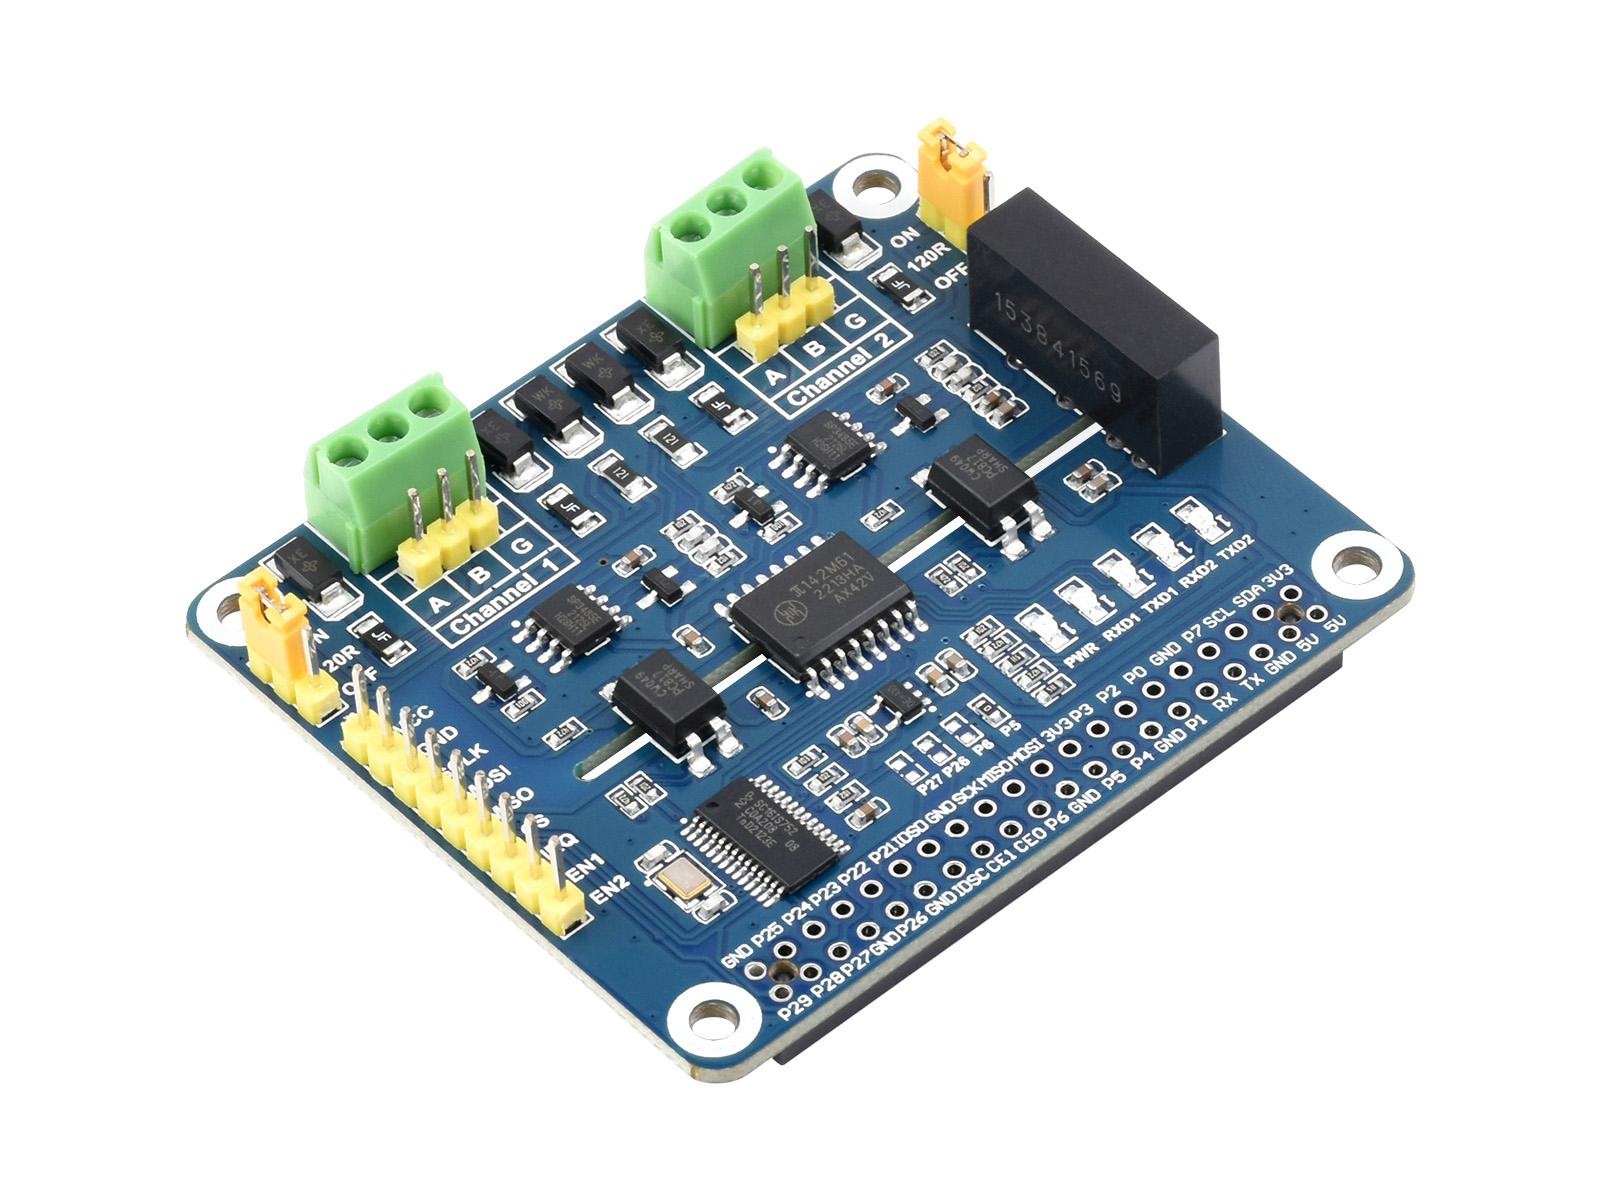 树莓派双通道隔离型RS485扩展板 SC16IS752+SP3485方案 内置多种保护电路